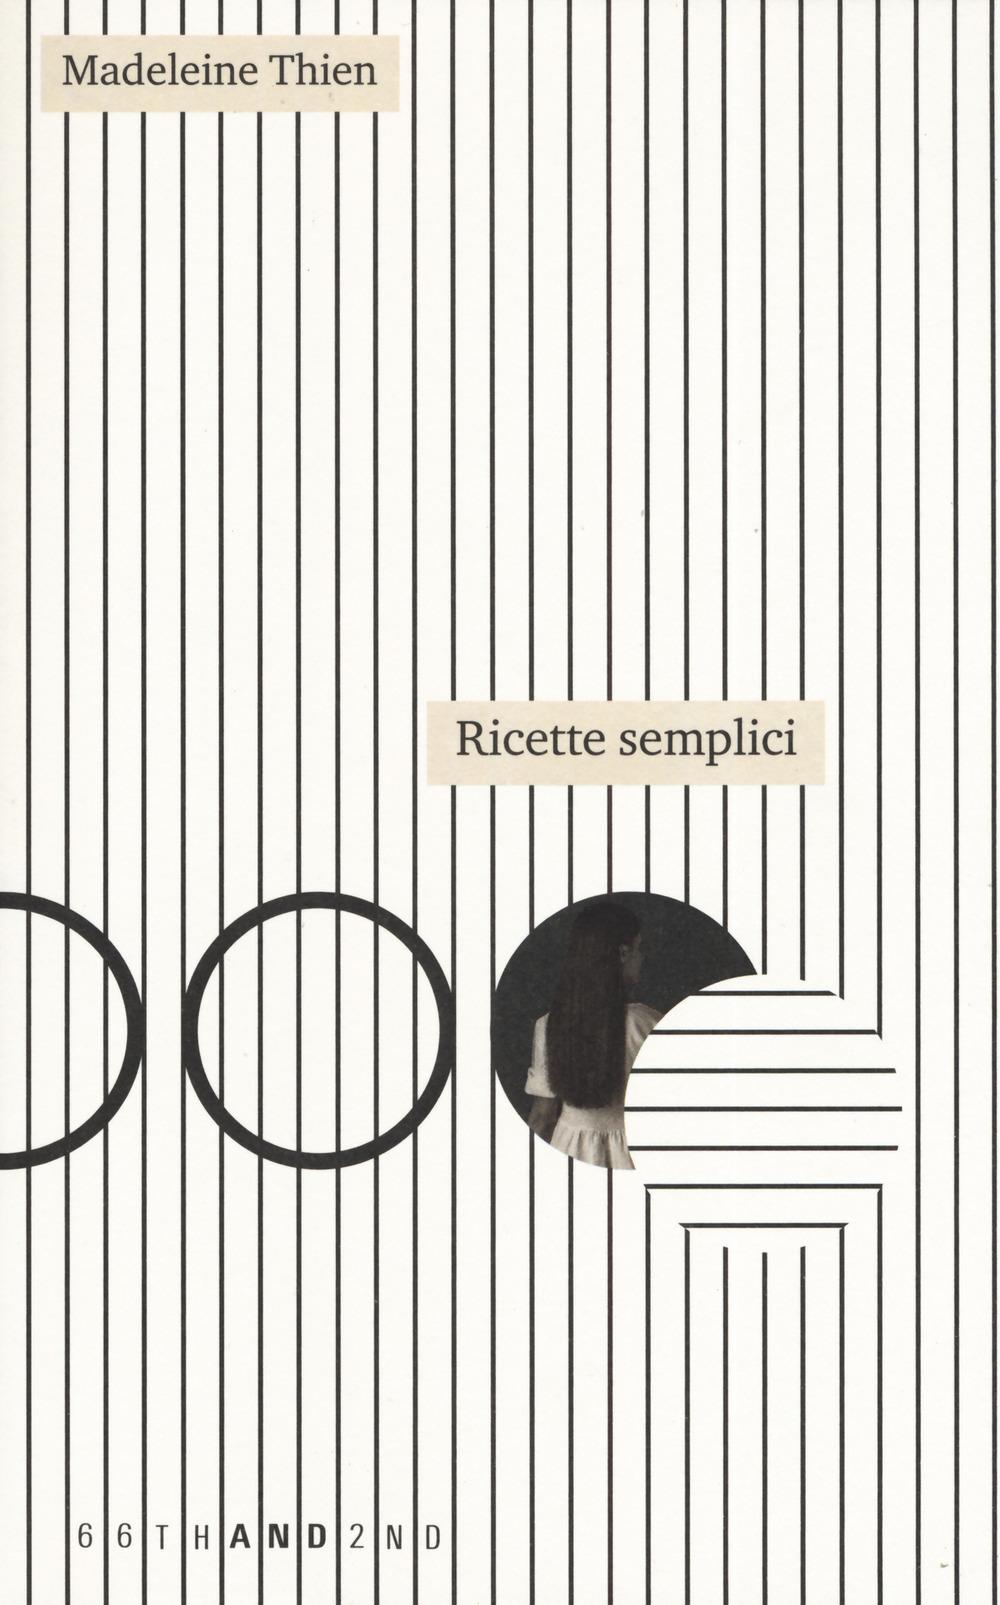 Ricette semplici